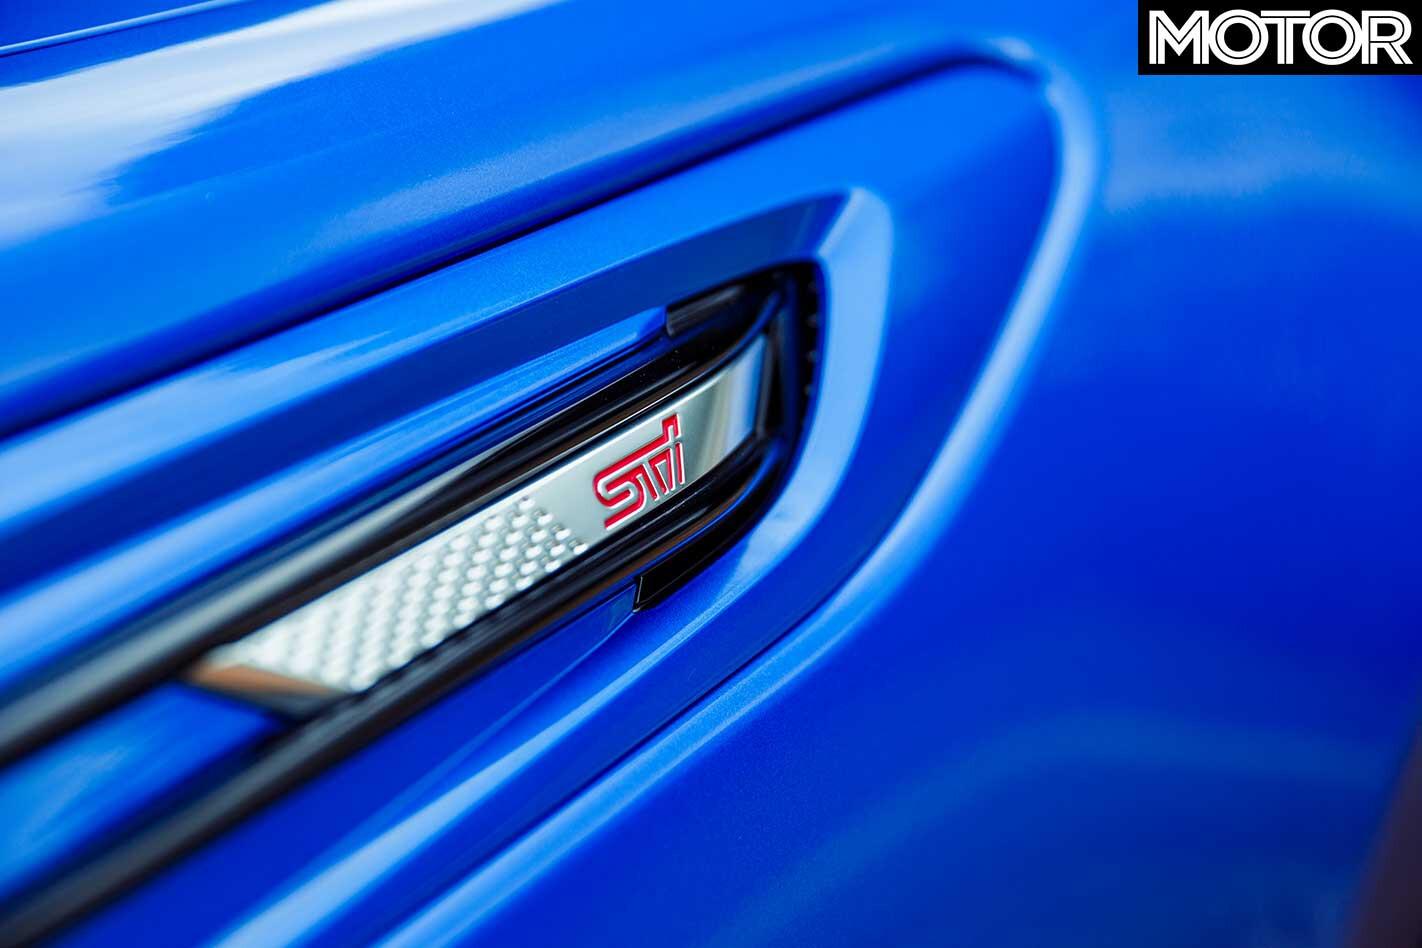 2018 Subaru Brz Ts Sti Badging Jpg